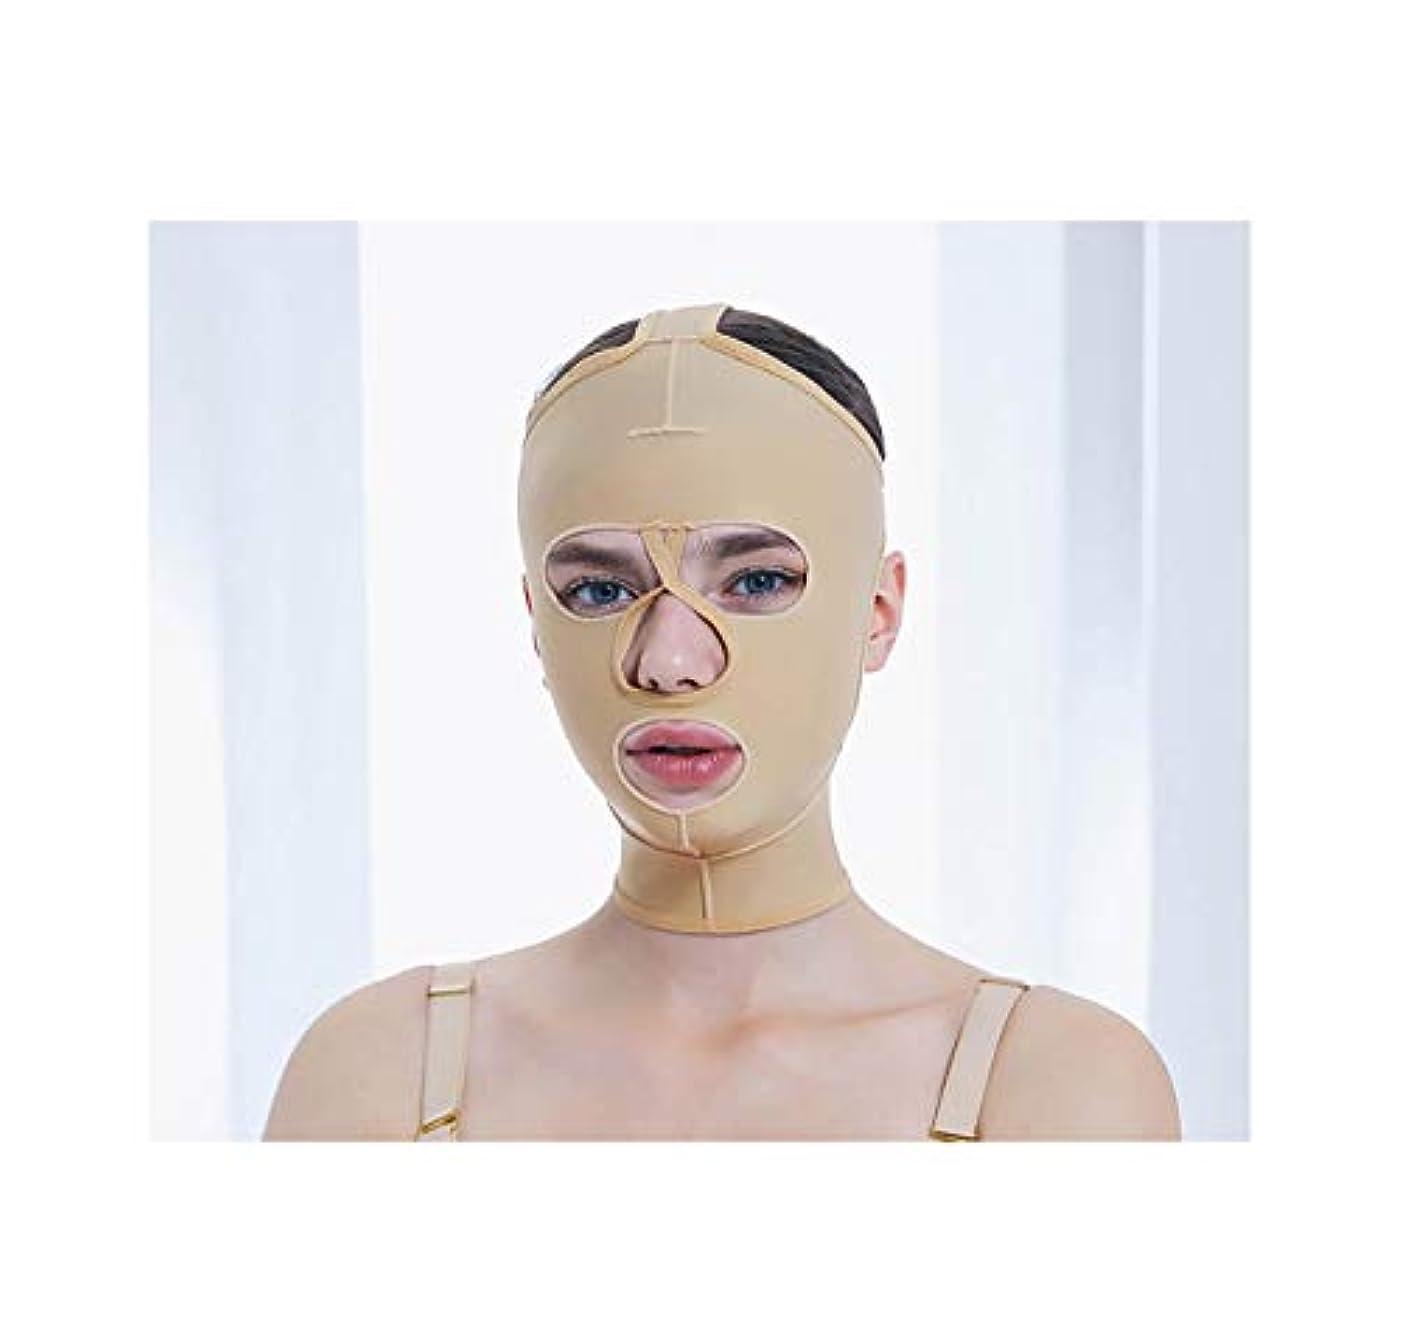 にじみ出るバイアスパークGLJJQMY 顔と首のリフト痩身マスク脂肪吸引術脂肪吸引整形マスクフードフェイシャルリフティングアーティファクトVフェイスビーム弾性スリーブ 顔用整形マスク (Size : XXL)